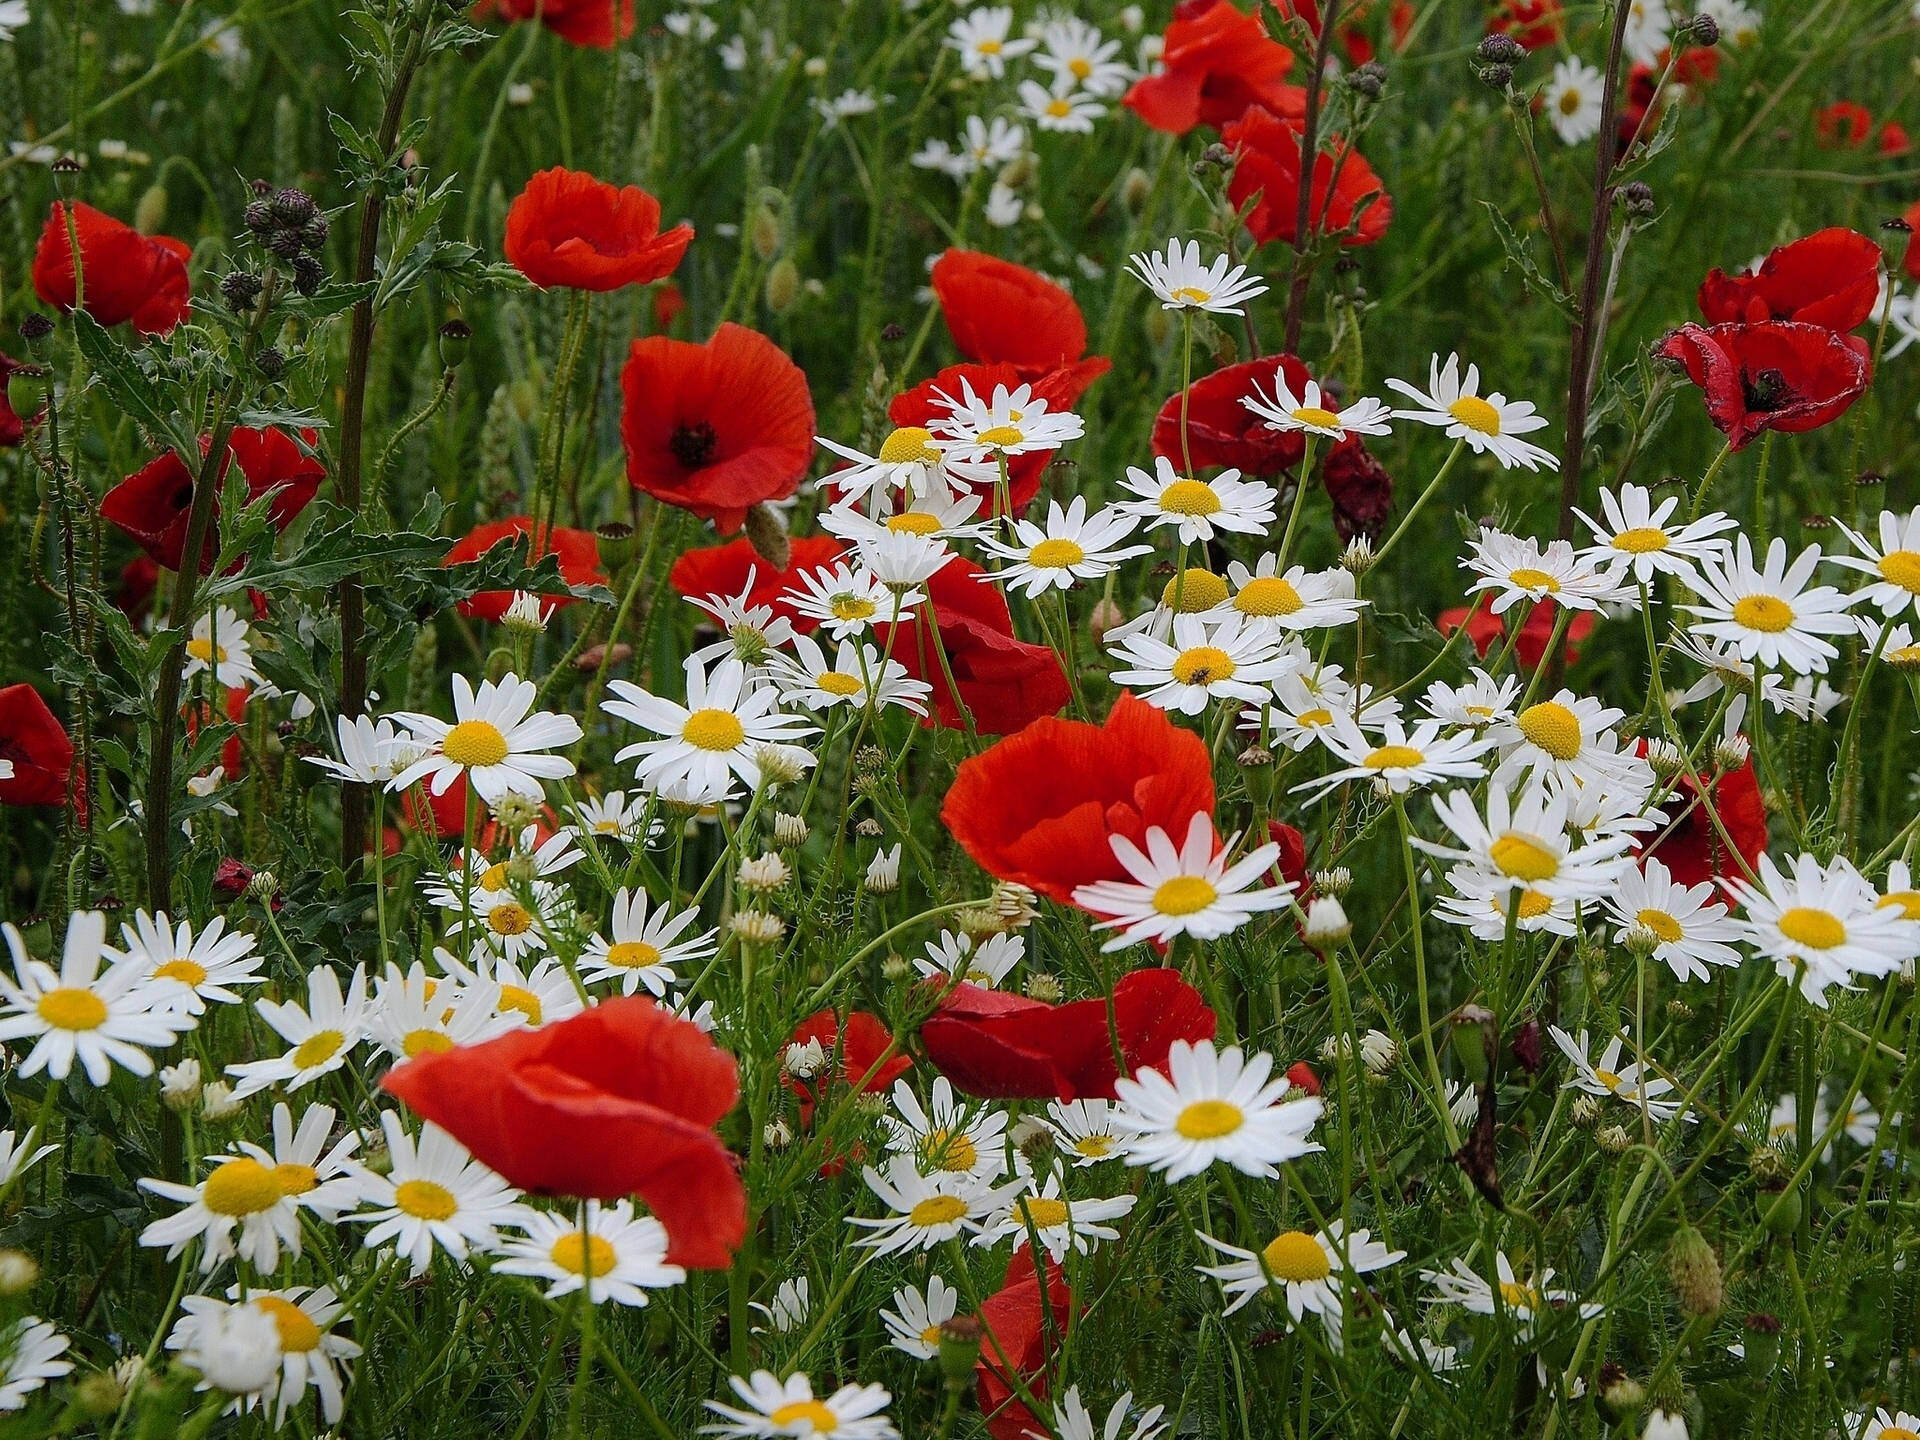 обои на рабочий стол скачать бесплатно 1920х1200 цветы